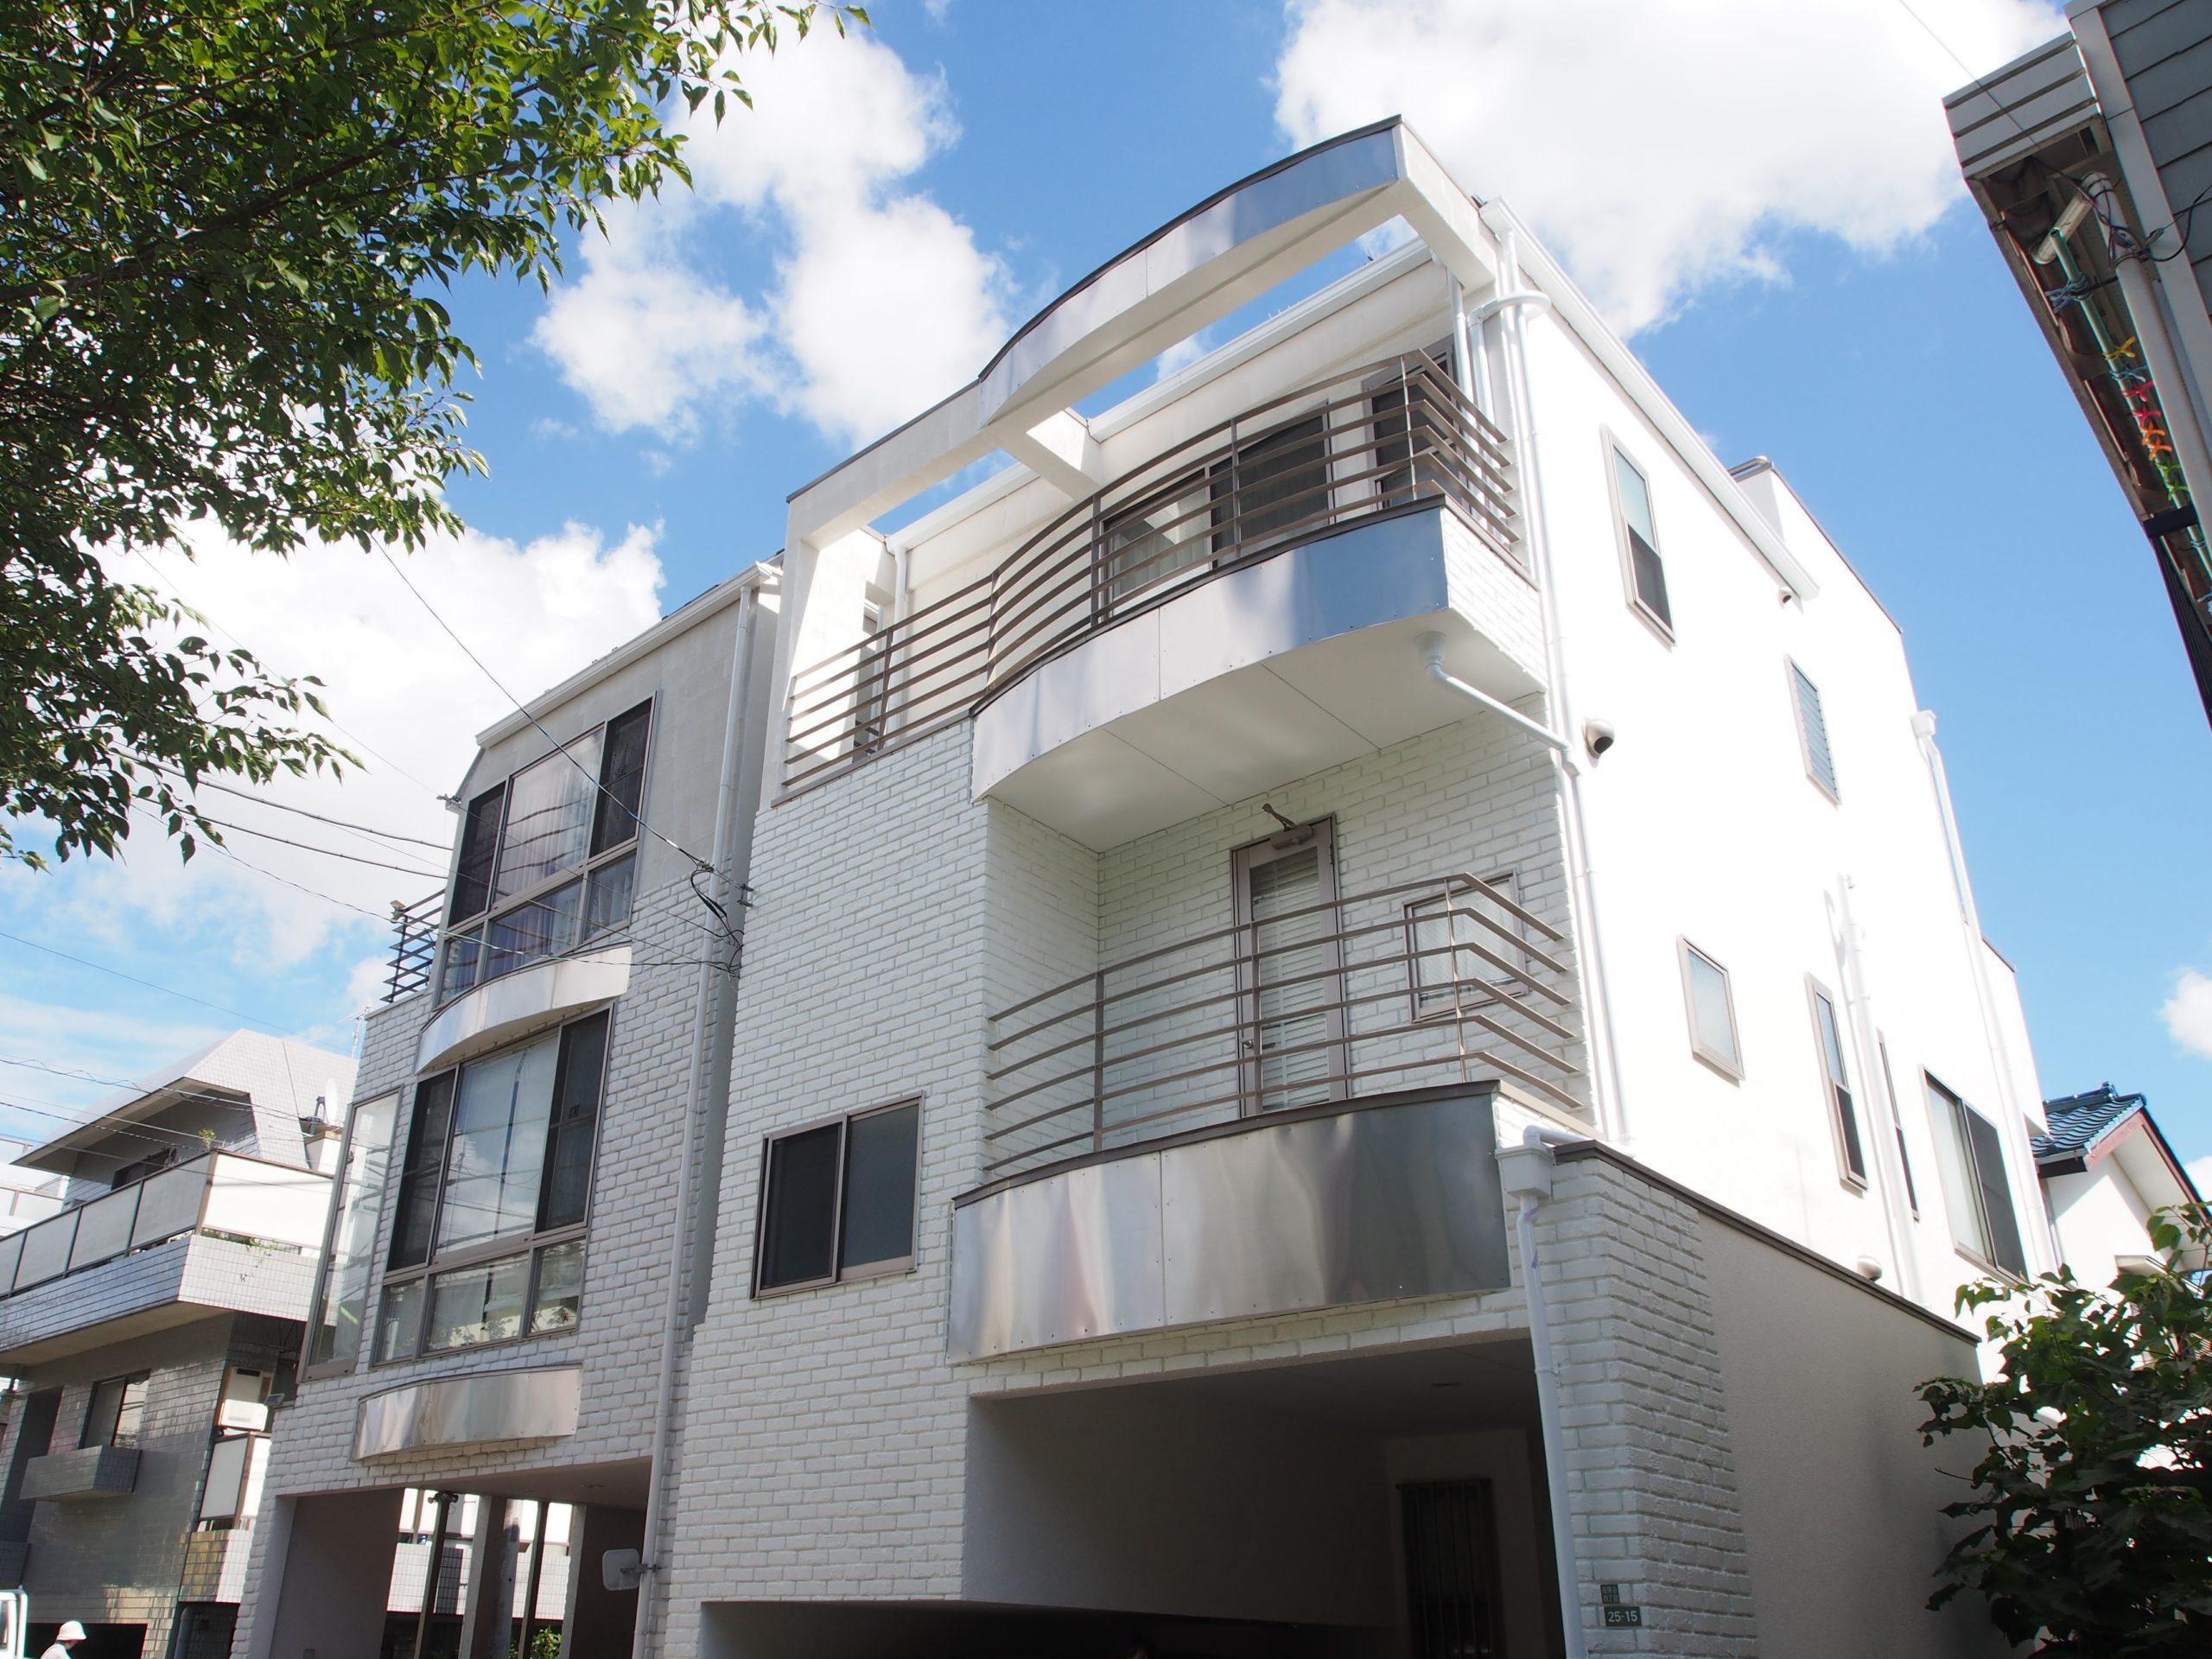 35坪木造3階建て住宅の塗装